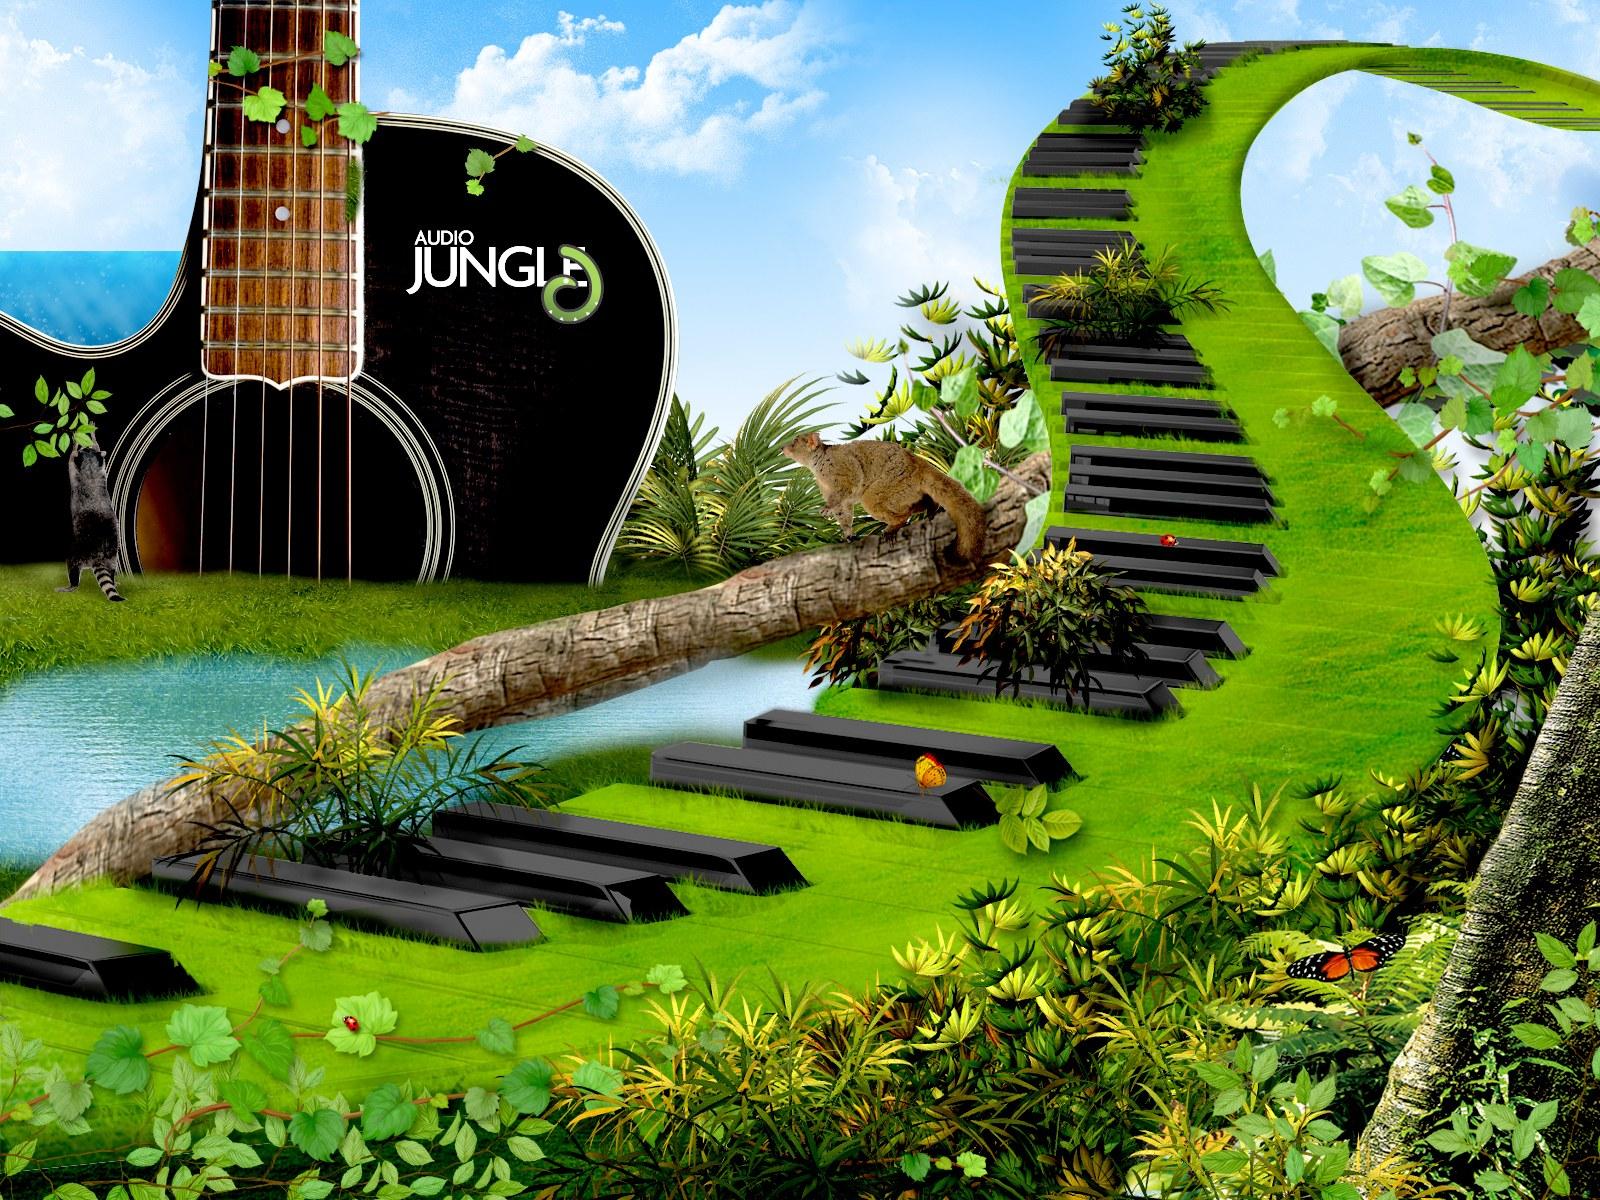 Desktop Wallpapers Music Wallpapers 1600x1200